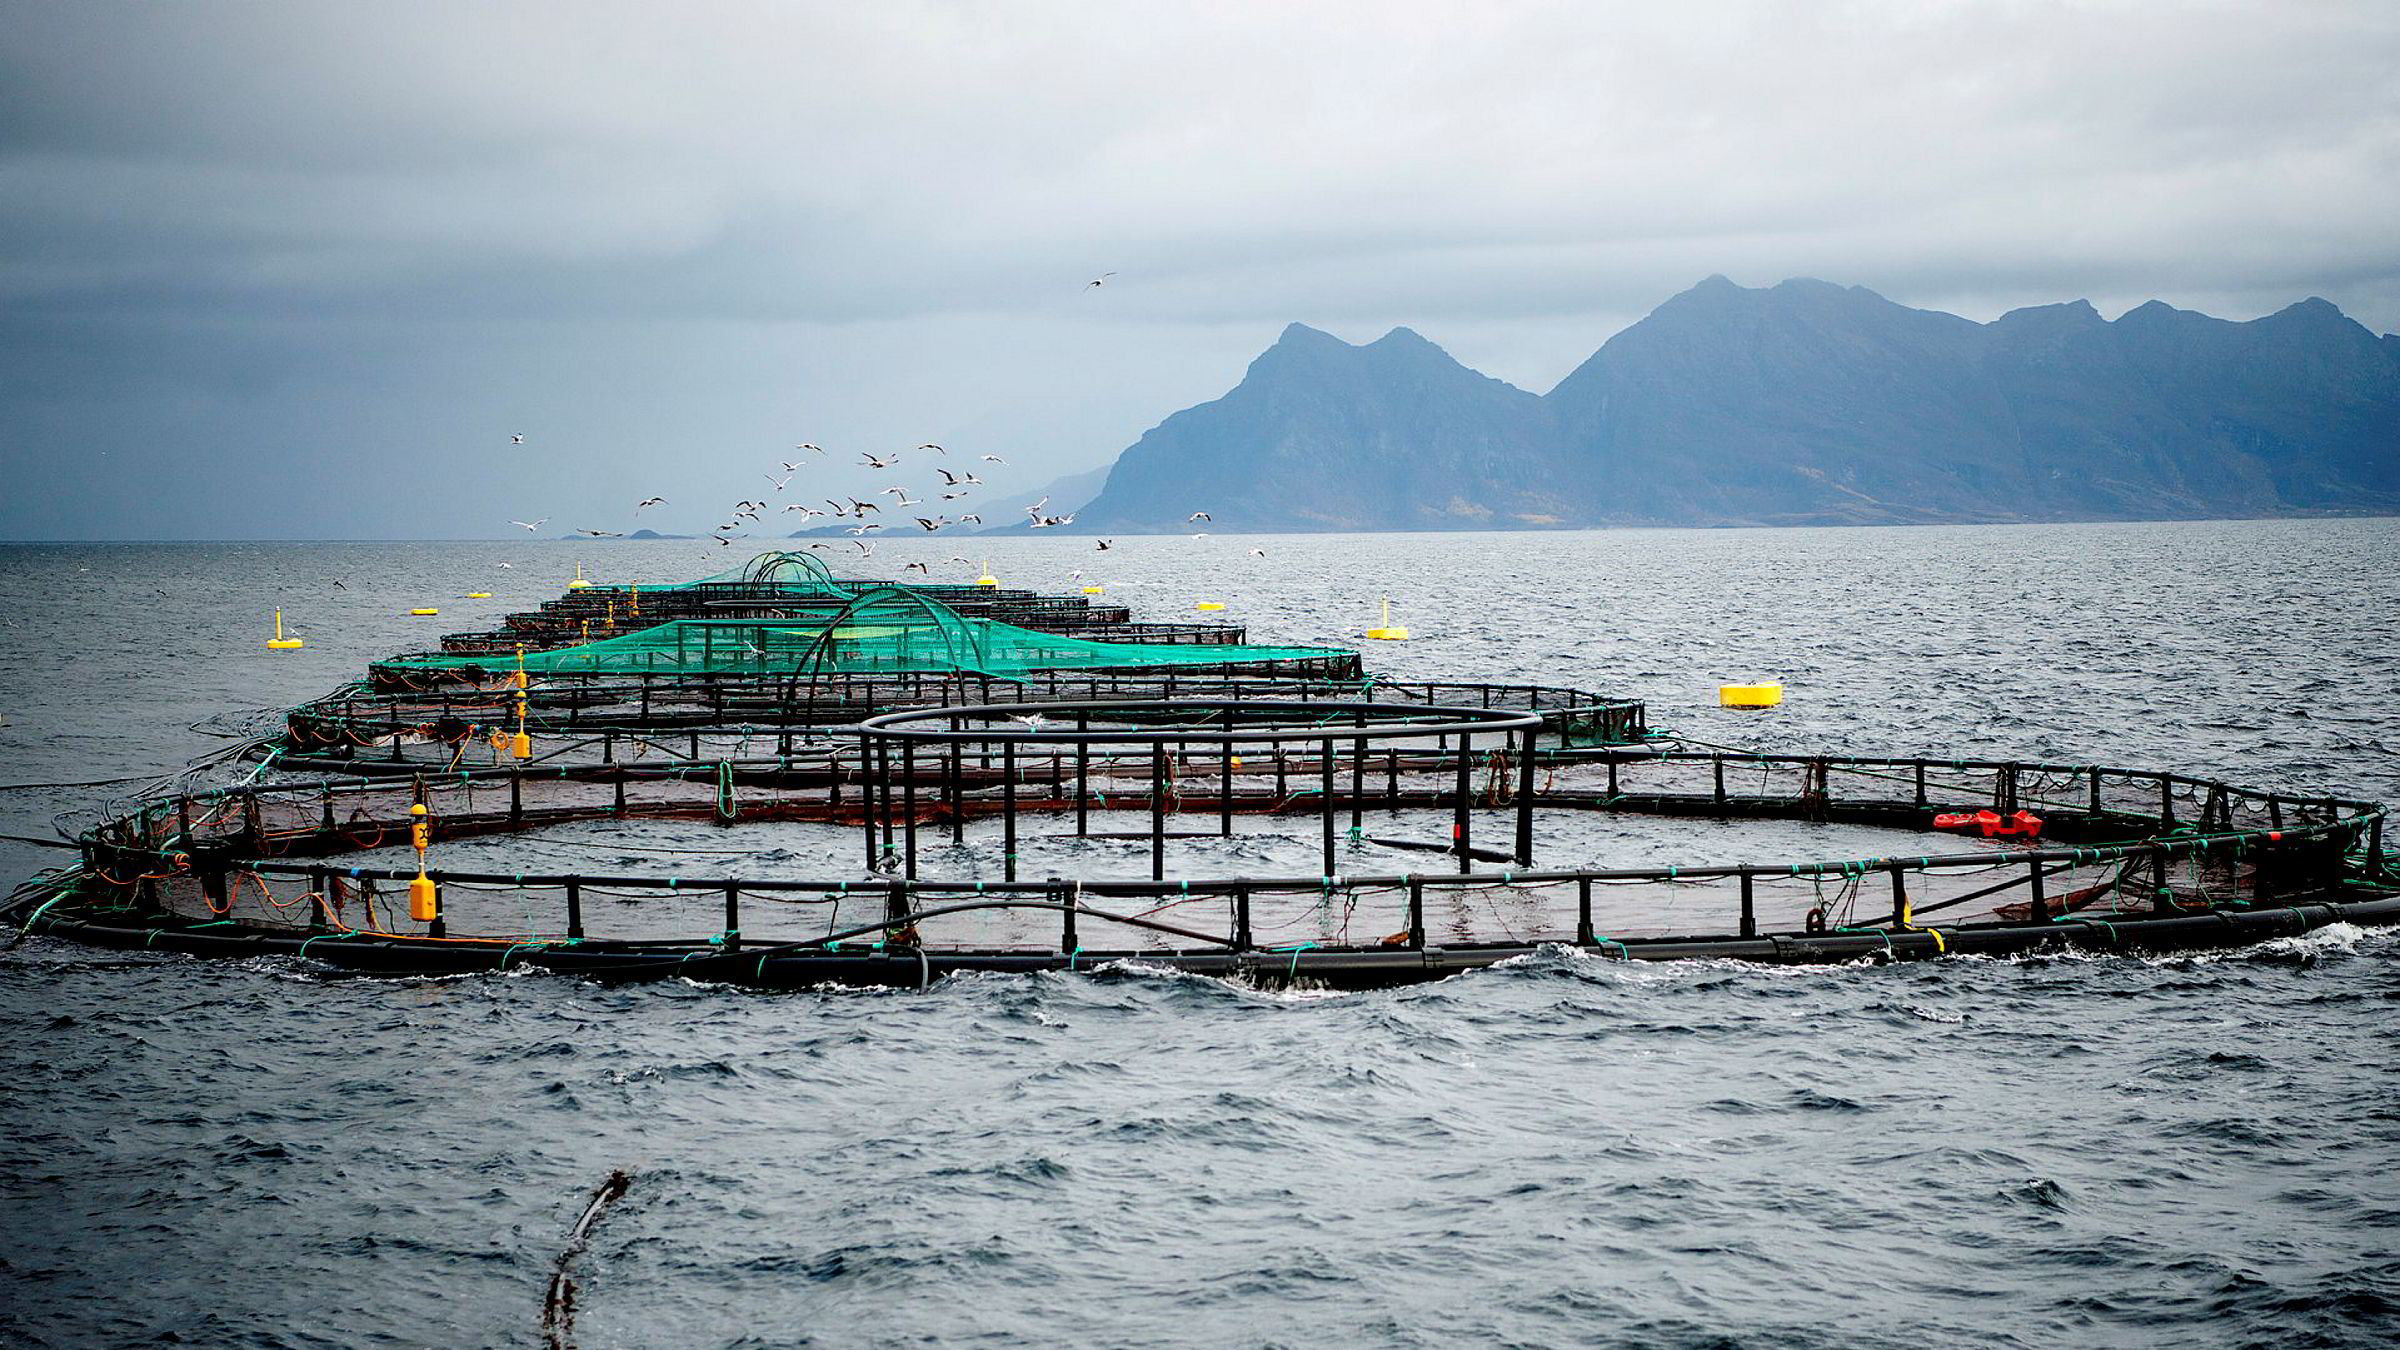 Debatten om grunnrentebeskatning av oppdrettsnæringen fortsetter. Bildet viser oppdrettsmerder ved Landegode utenfor Bodø.